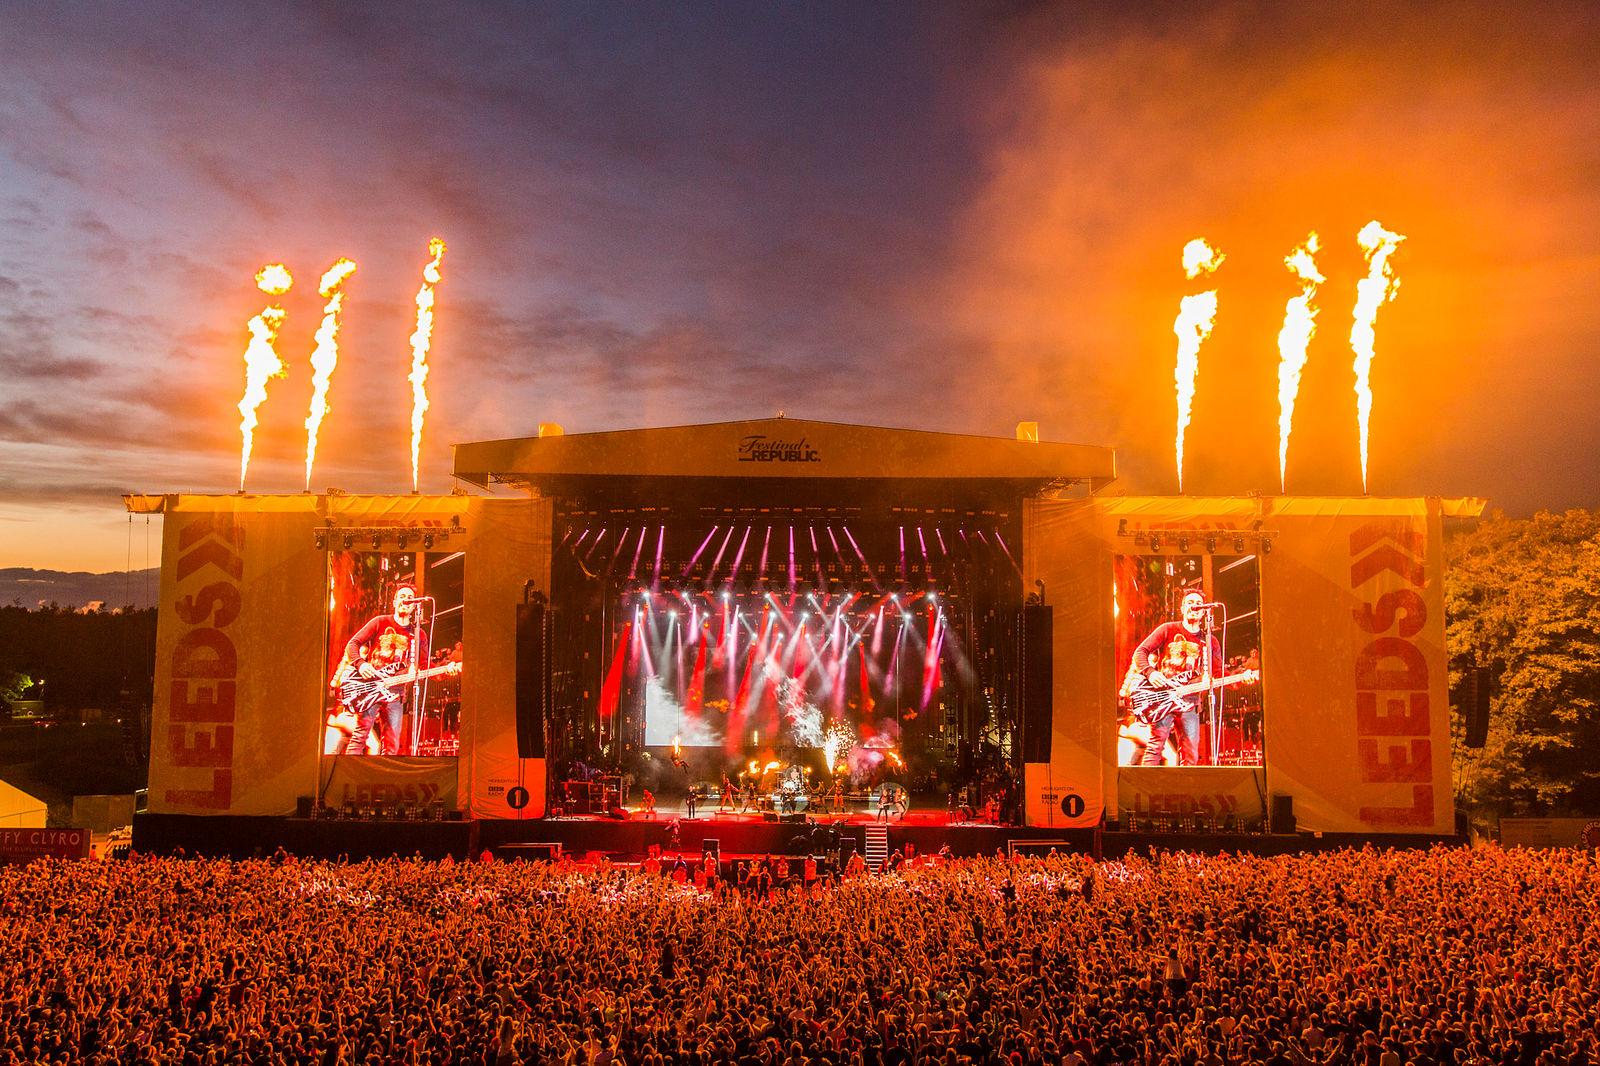 Escenario principal del Festival de Leeds en Reino Unido por Tom Martin © Tom Martin